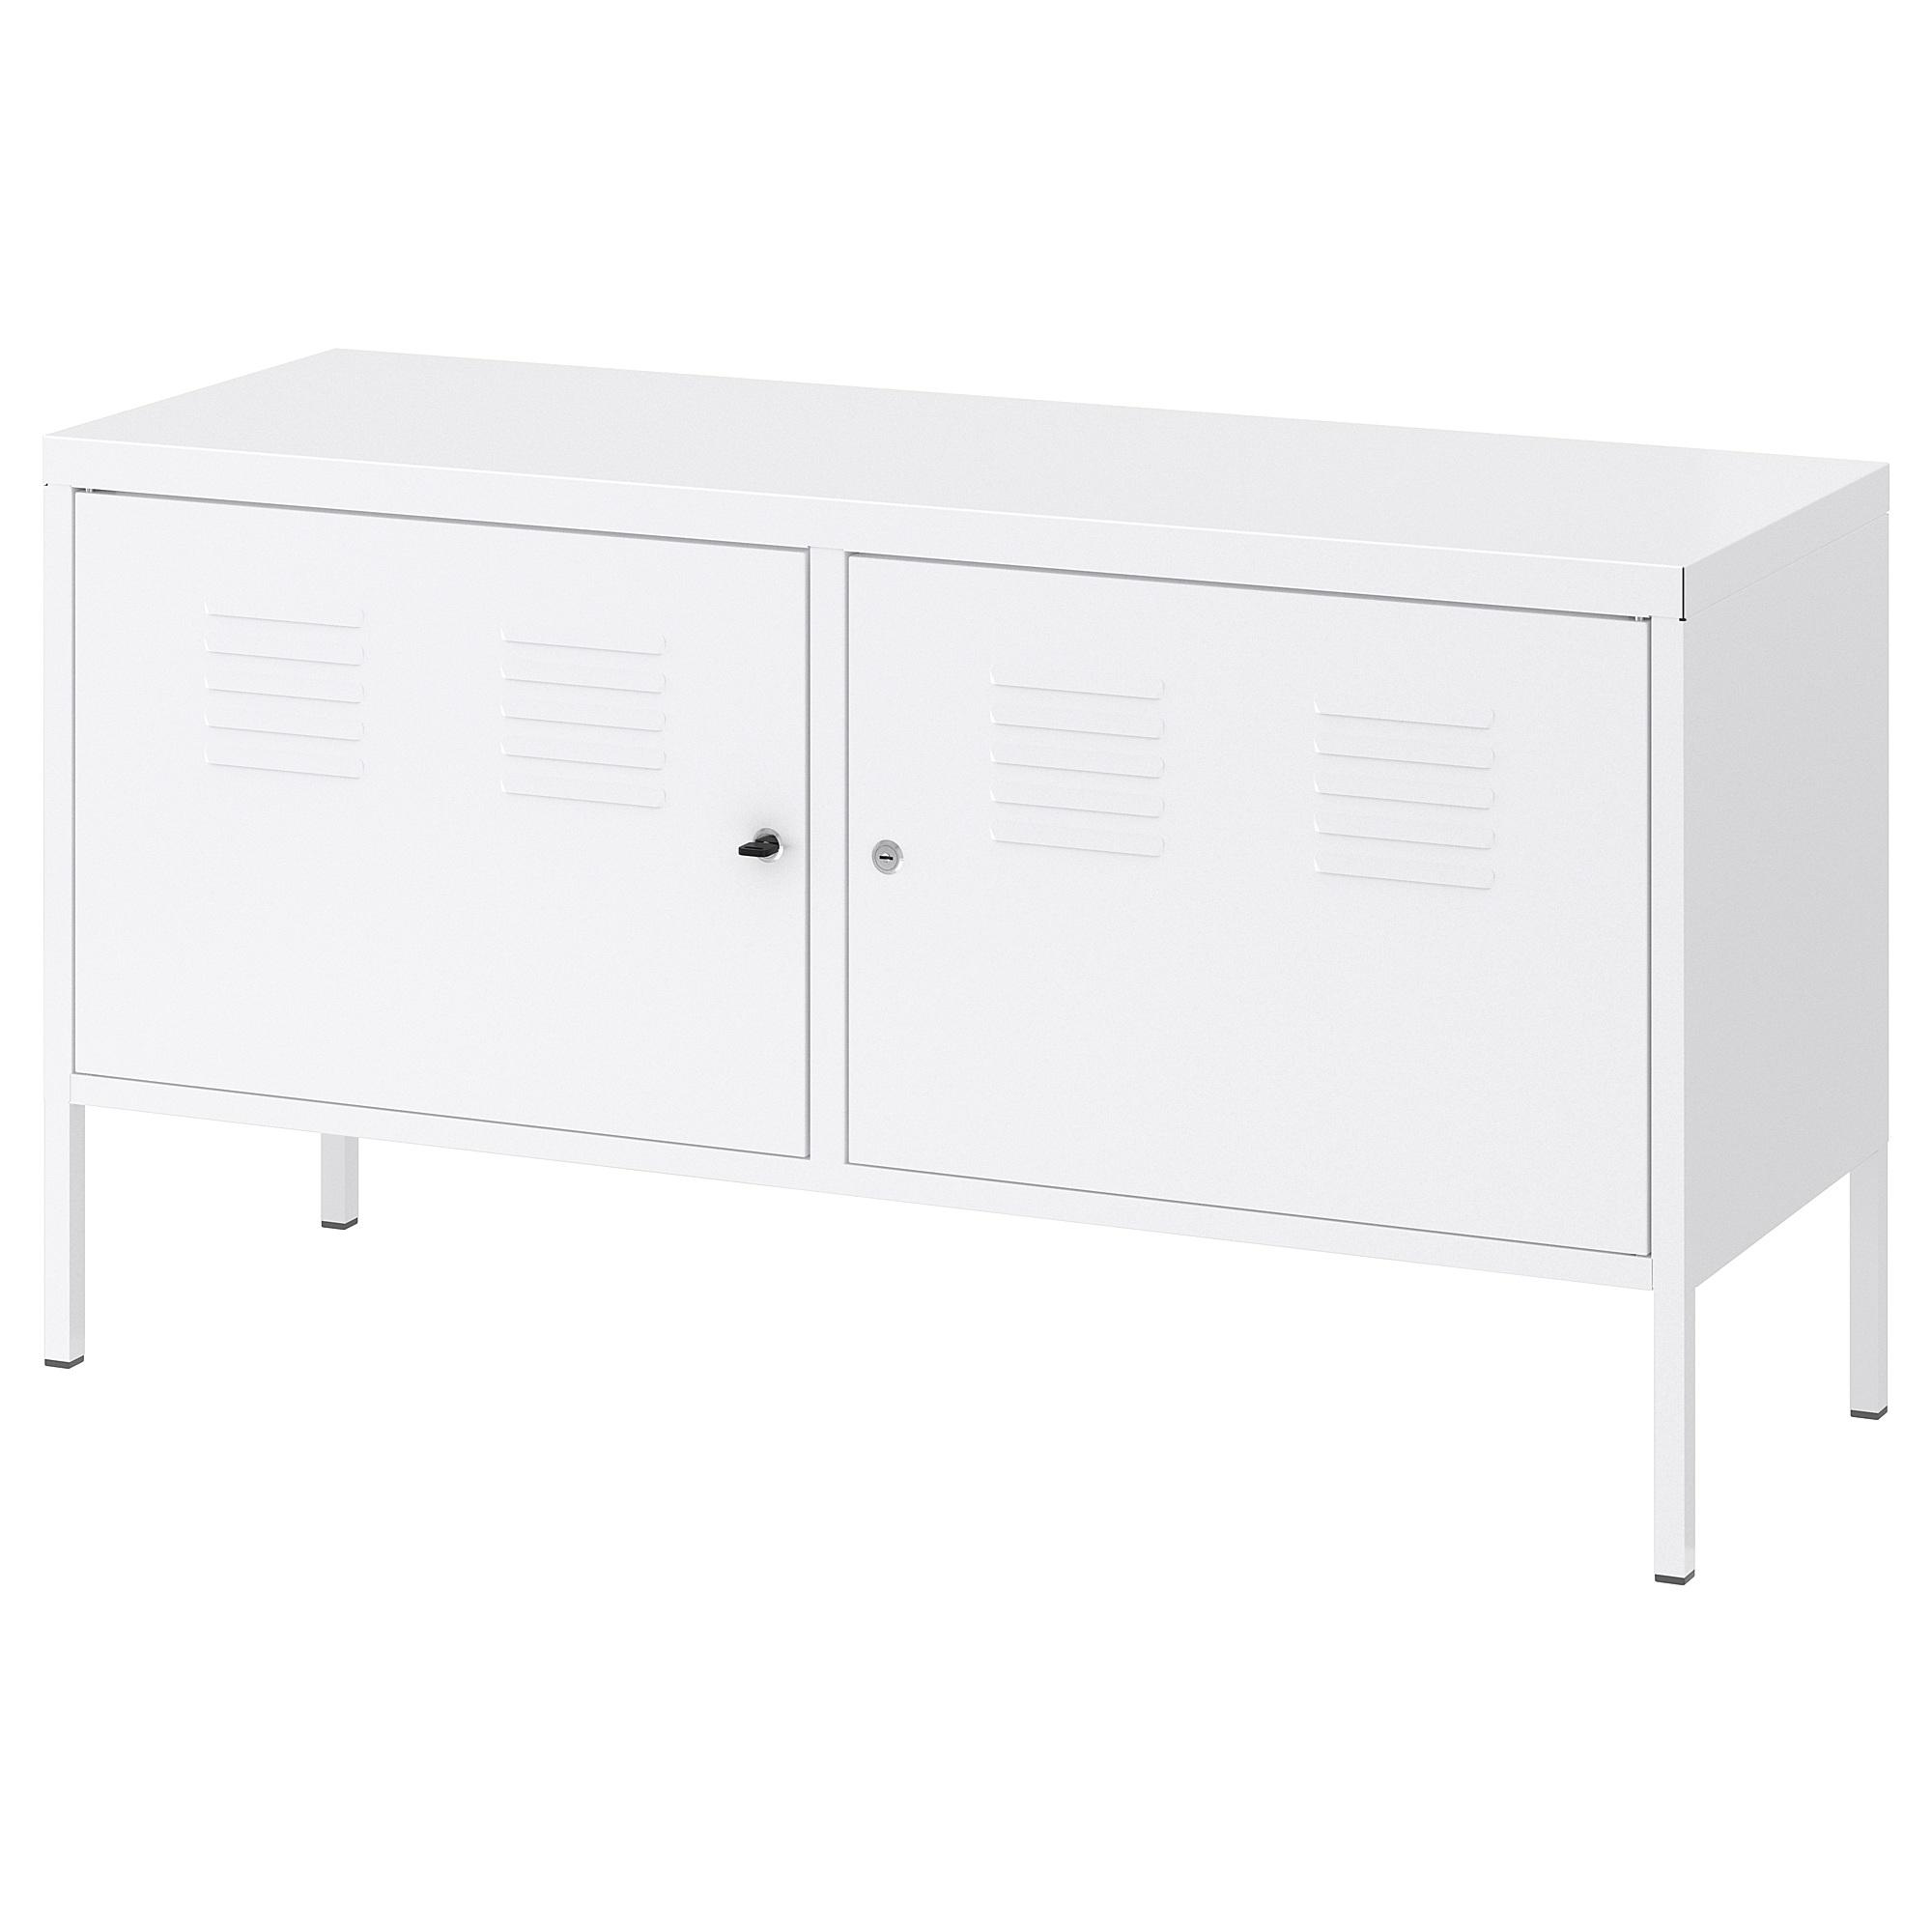 Ikea Lithuania - Įsigyti Baldų, Šviestuvų, Interjero Dekoracijų Ir in Koip 6 Door Sideboards (Image 7 of 30)